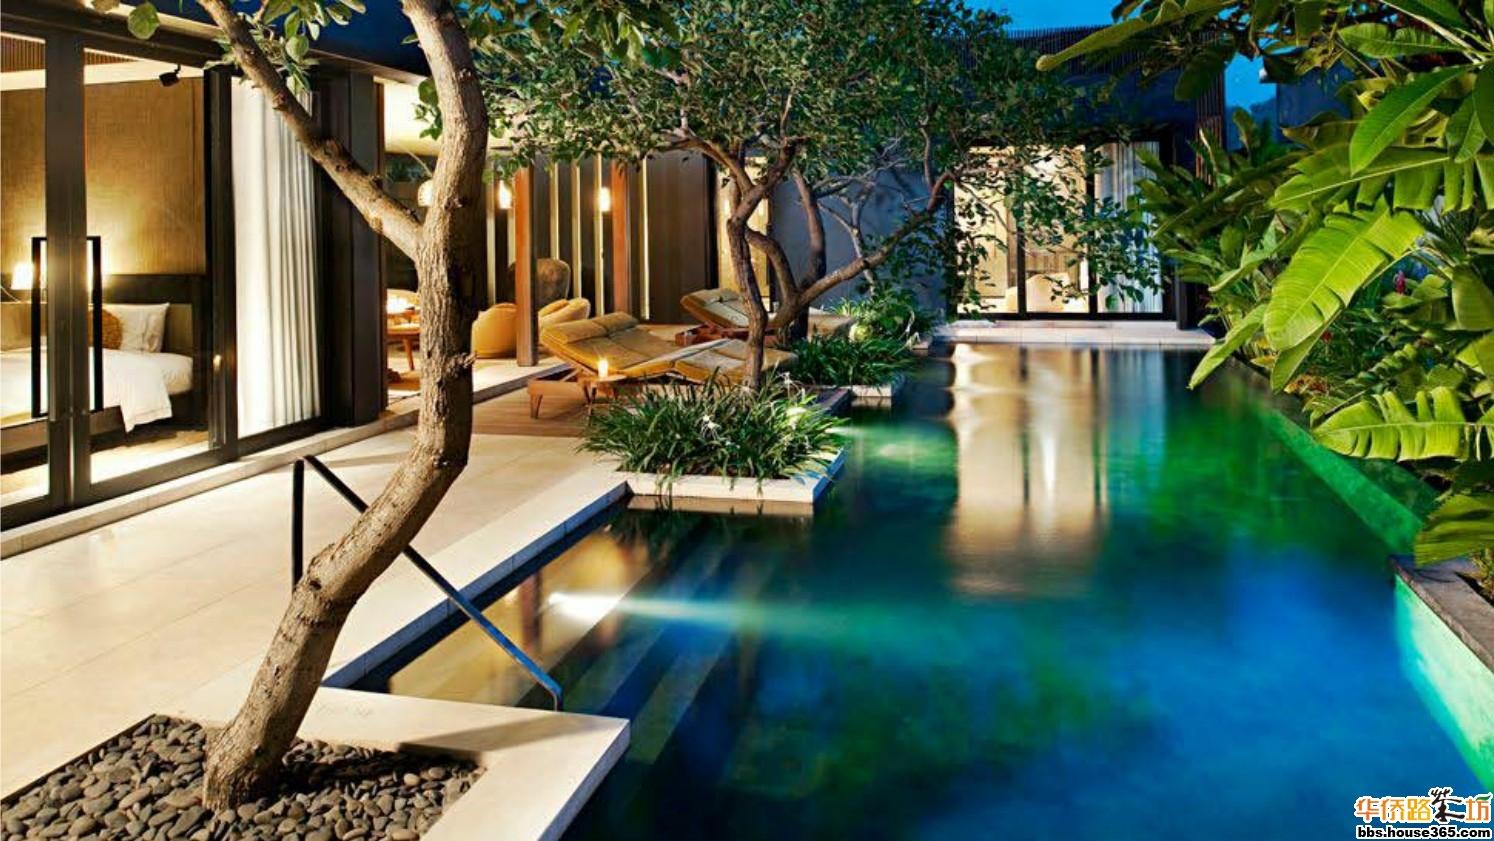 巴厘岛度假胜地spa水疗设计赏; 巴厘岛水明漾w度假酒店 前所未见的新